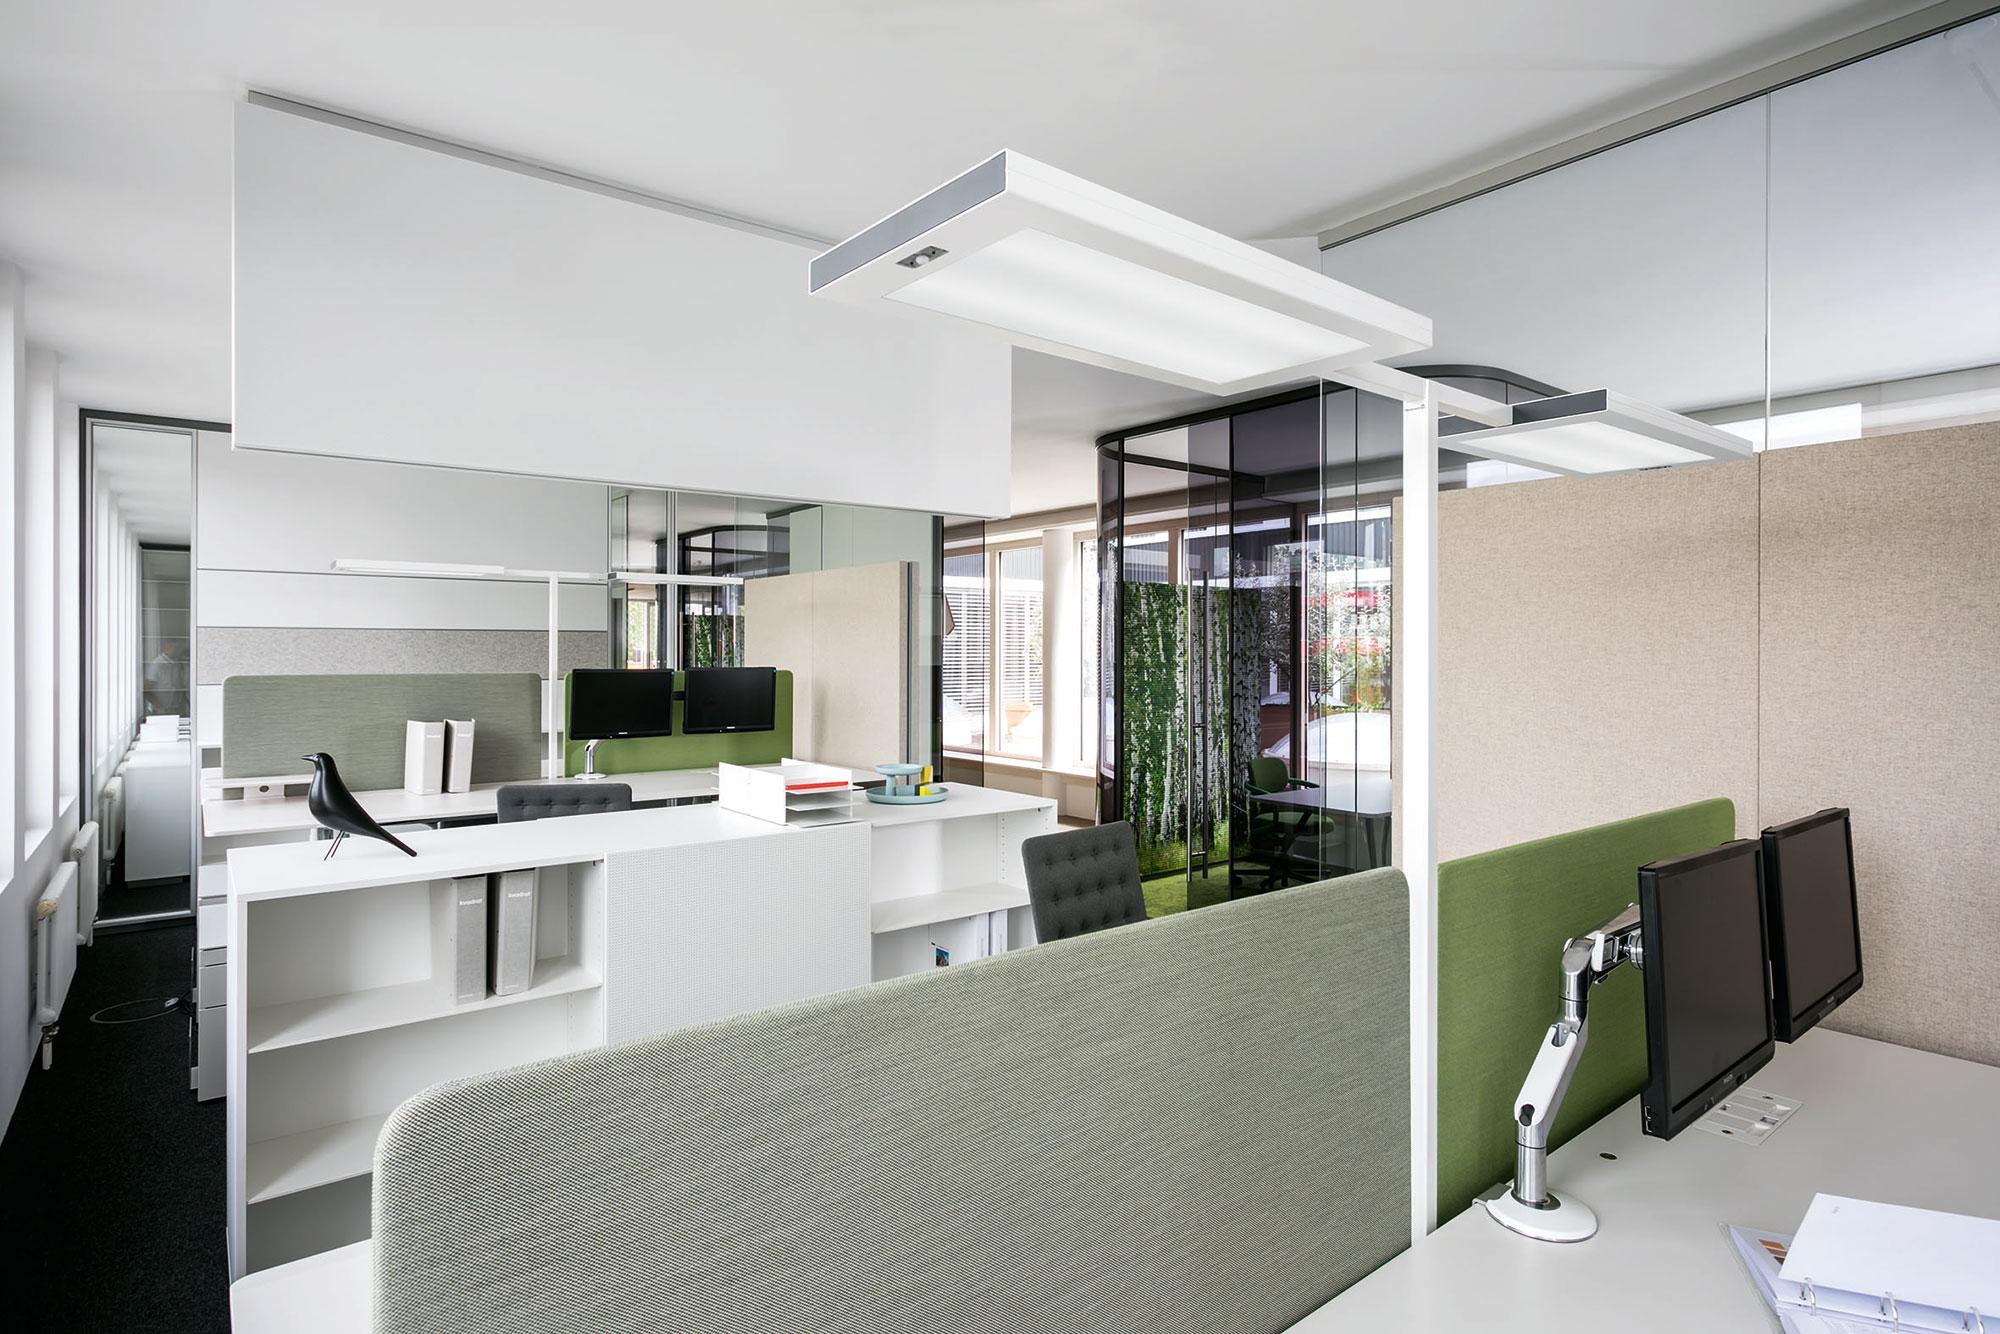 Inspiration durch biodynamisches Licht in feco-Feederle Büros